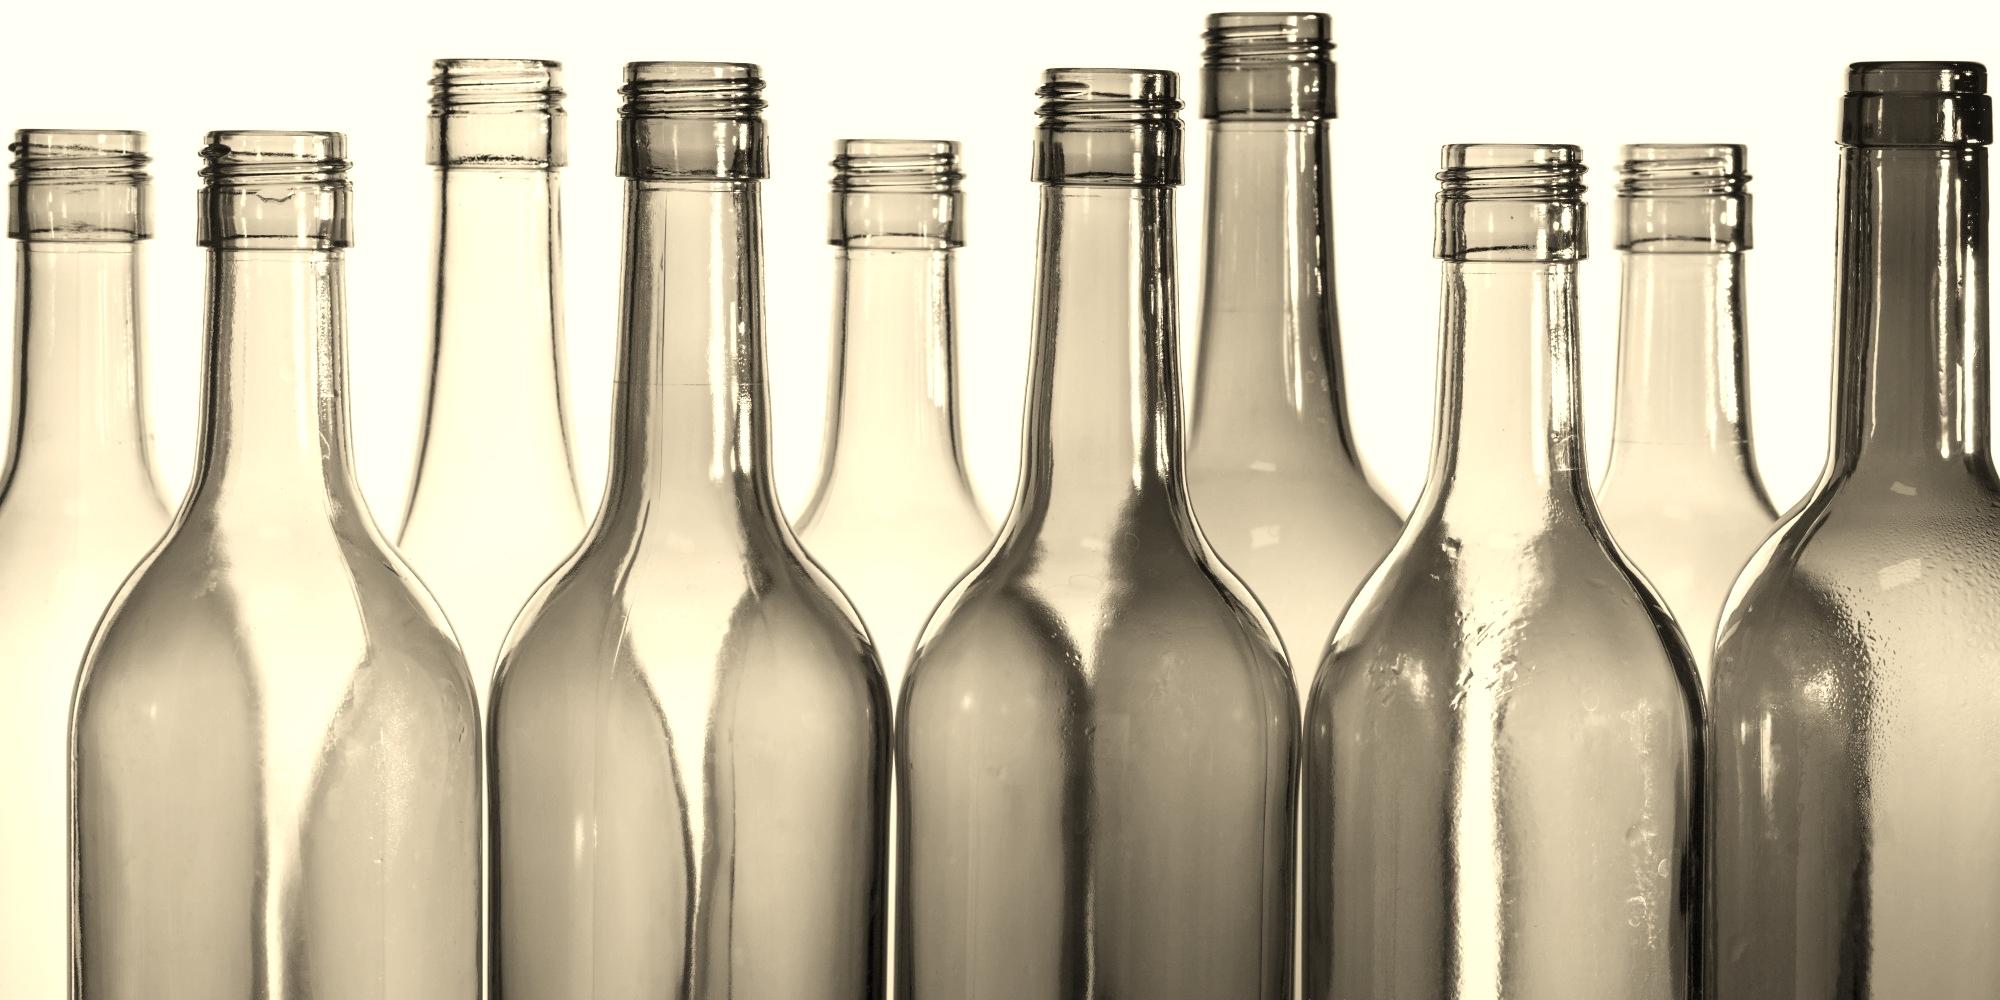 bottles-1.jpg